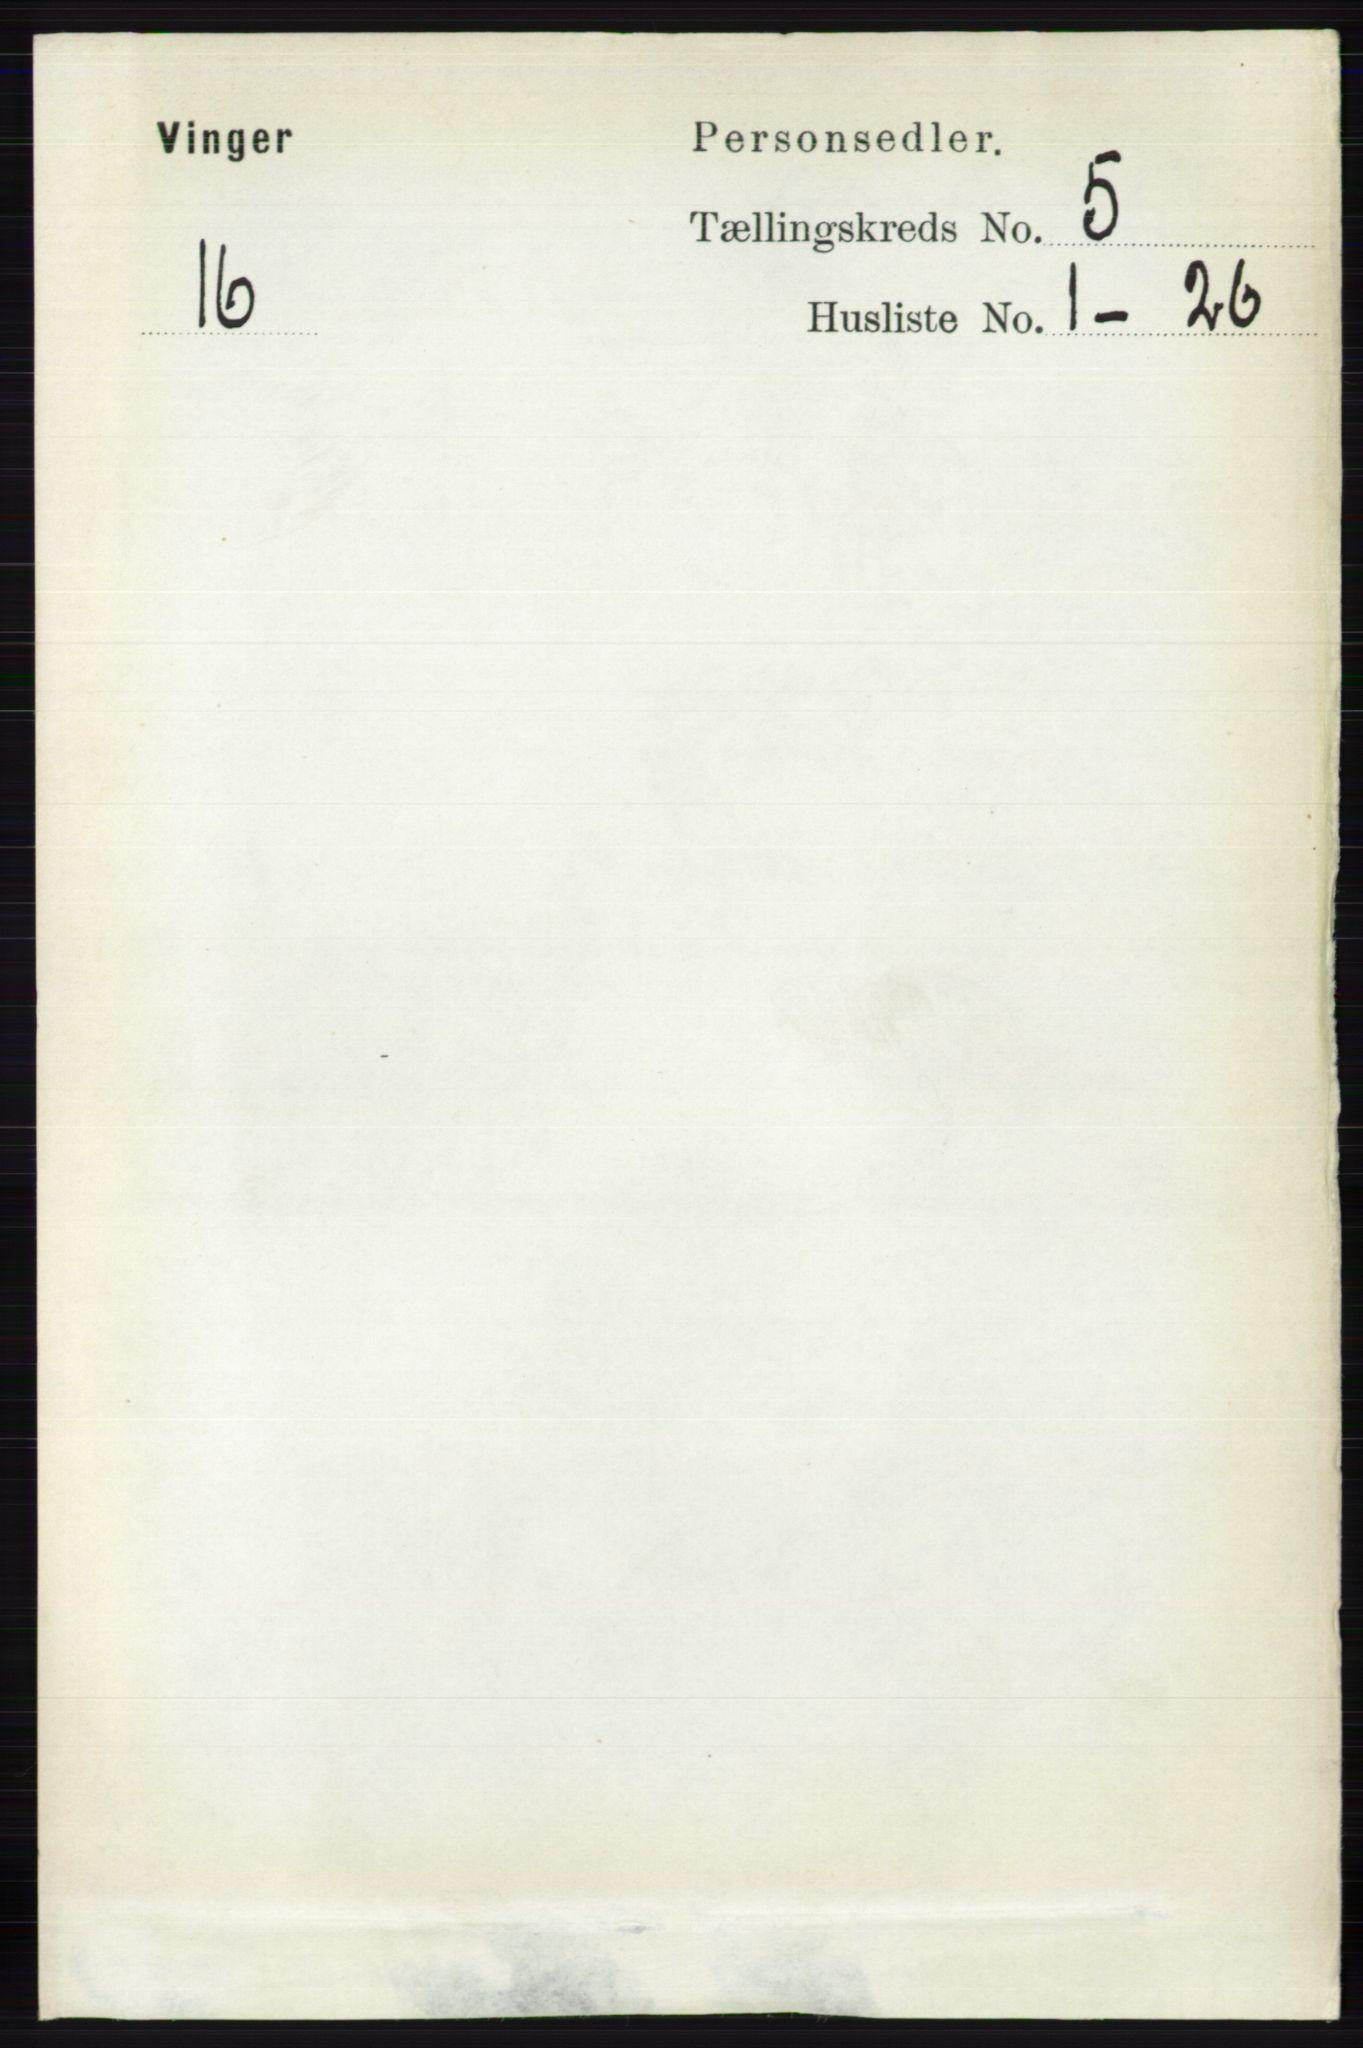 RA, Folketelling 1891 for 0421 Vinger herred, 1891, s. 2046